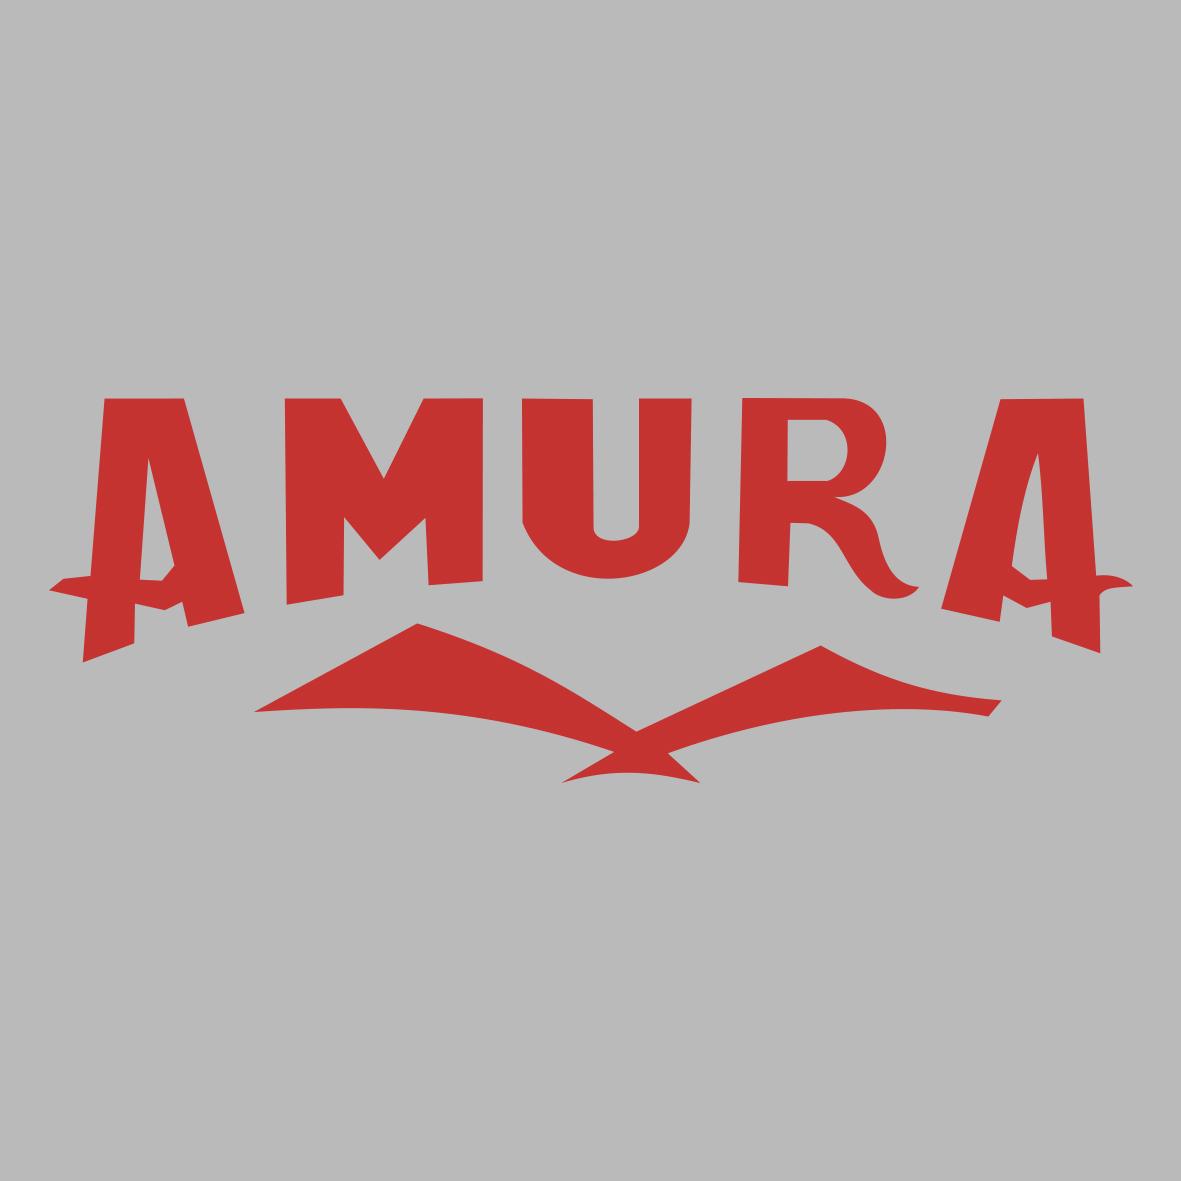 Amura inicia una nueva etapa 2.0